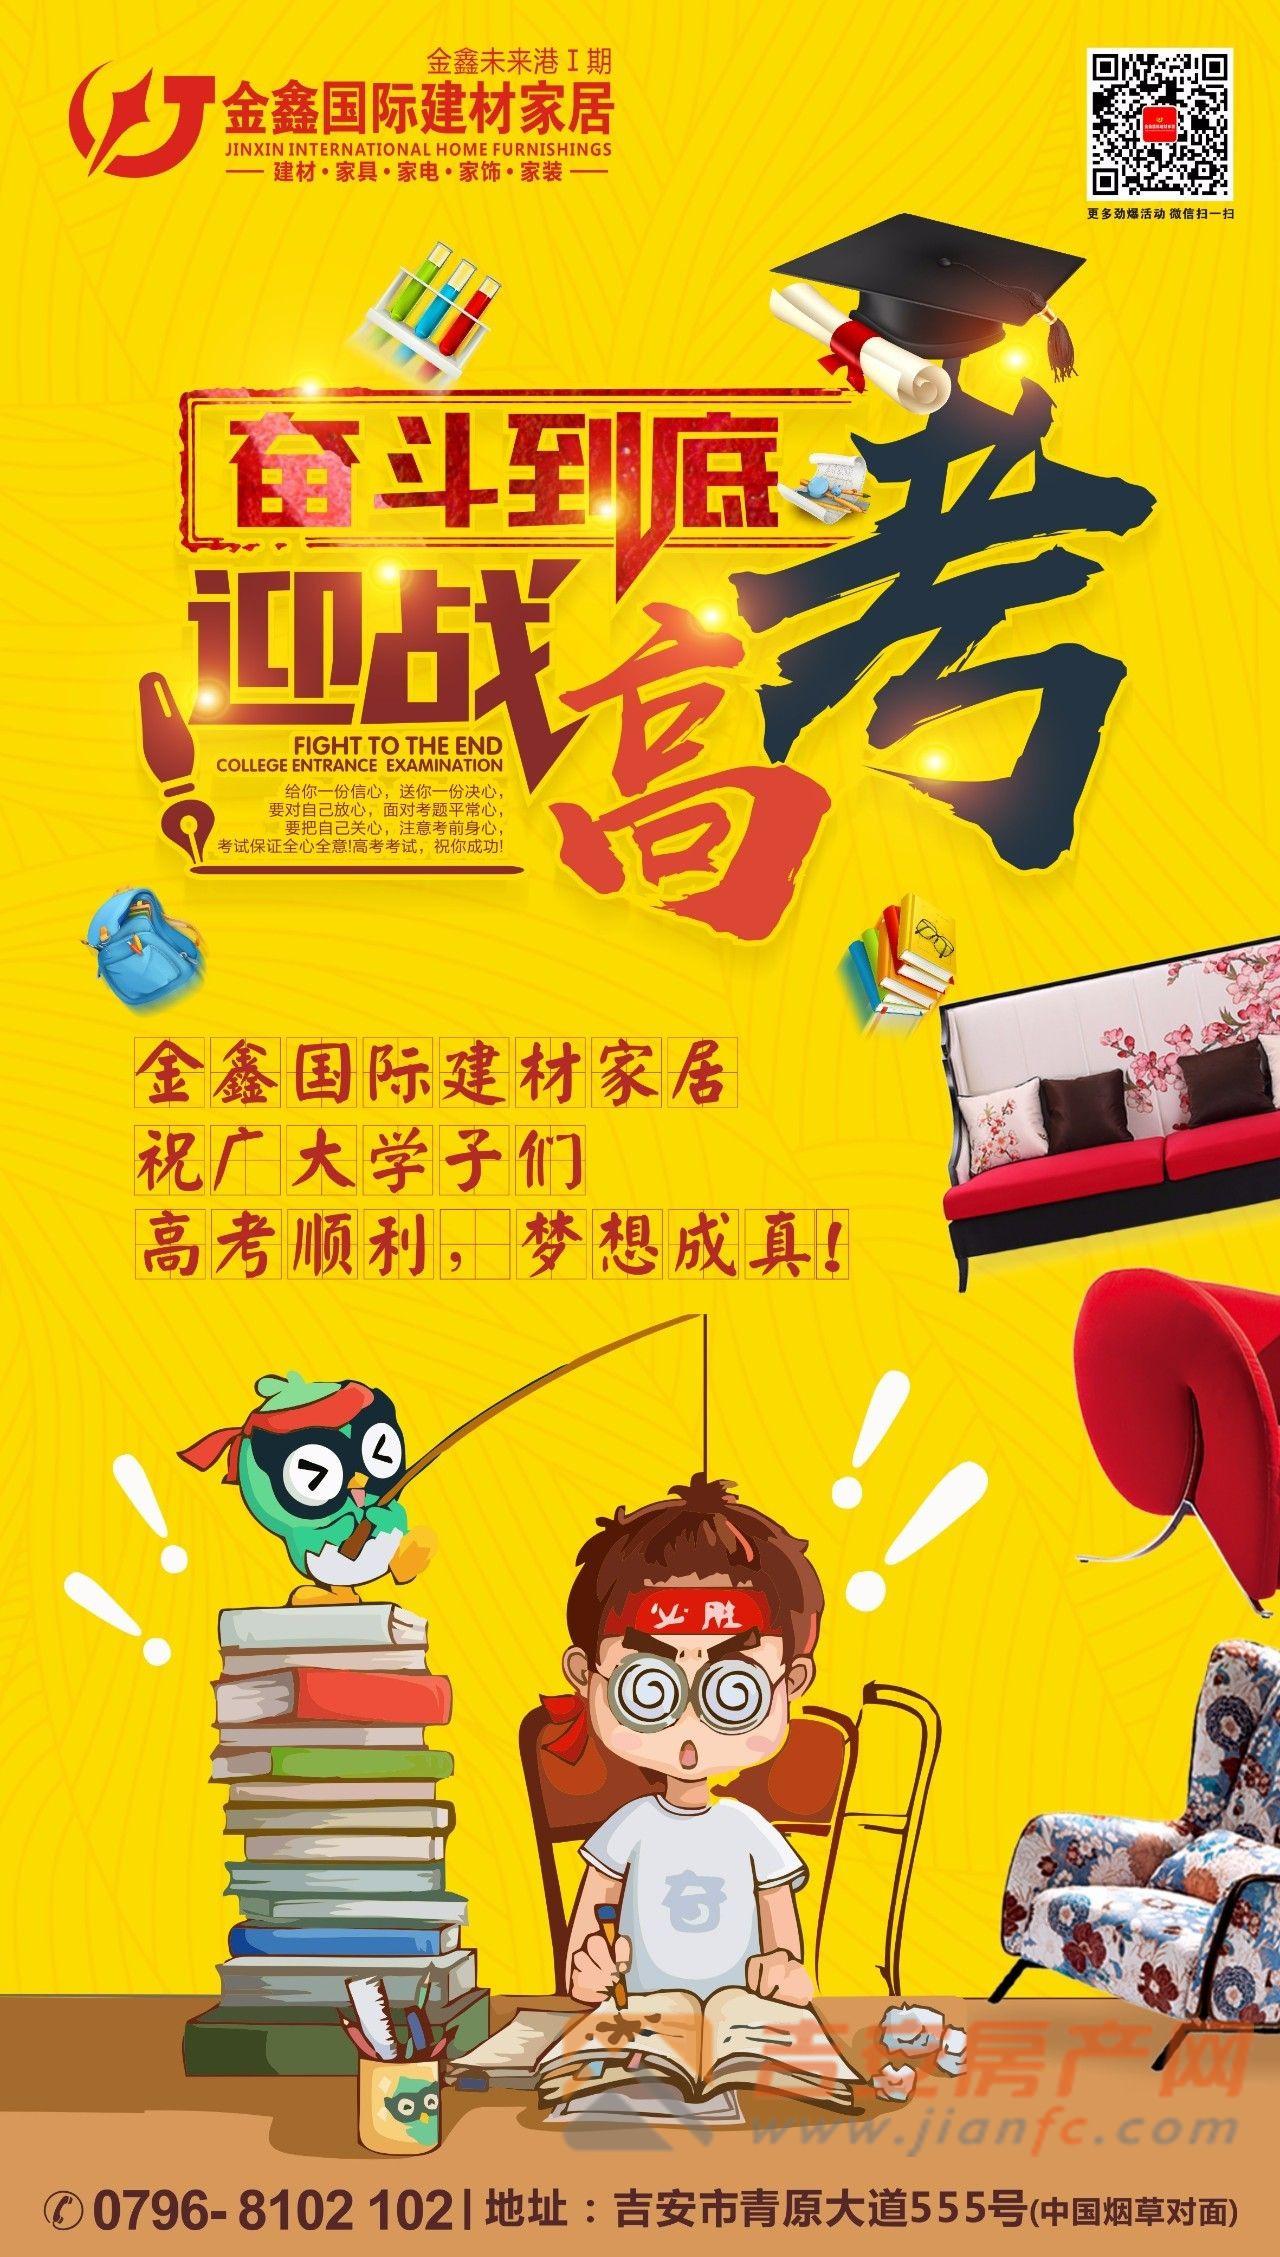 金鑫国际建材家居祝高考学子考试顺利-吉安房产网